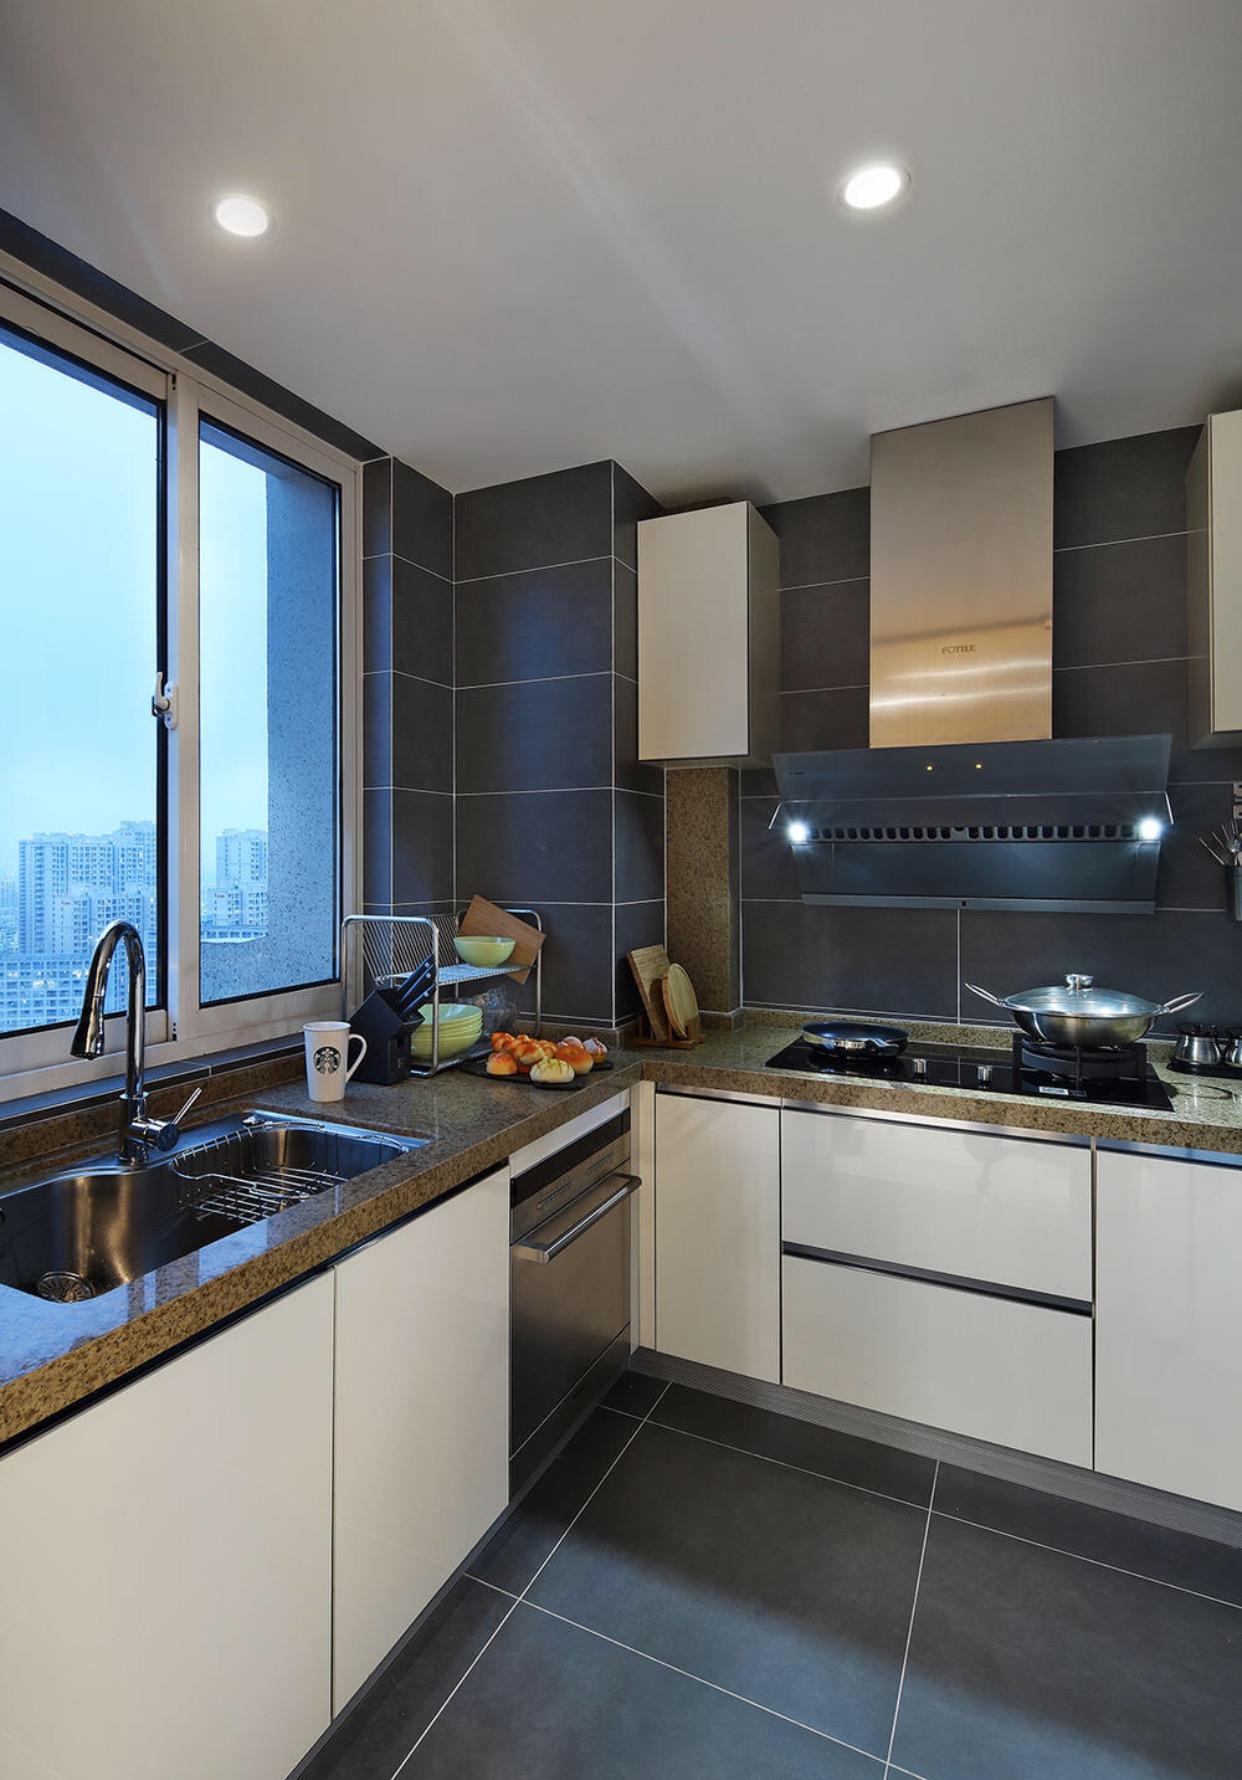 120平米简约风格厨房装修效果图